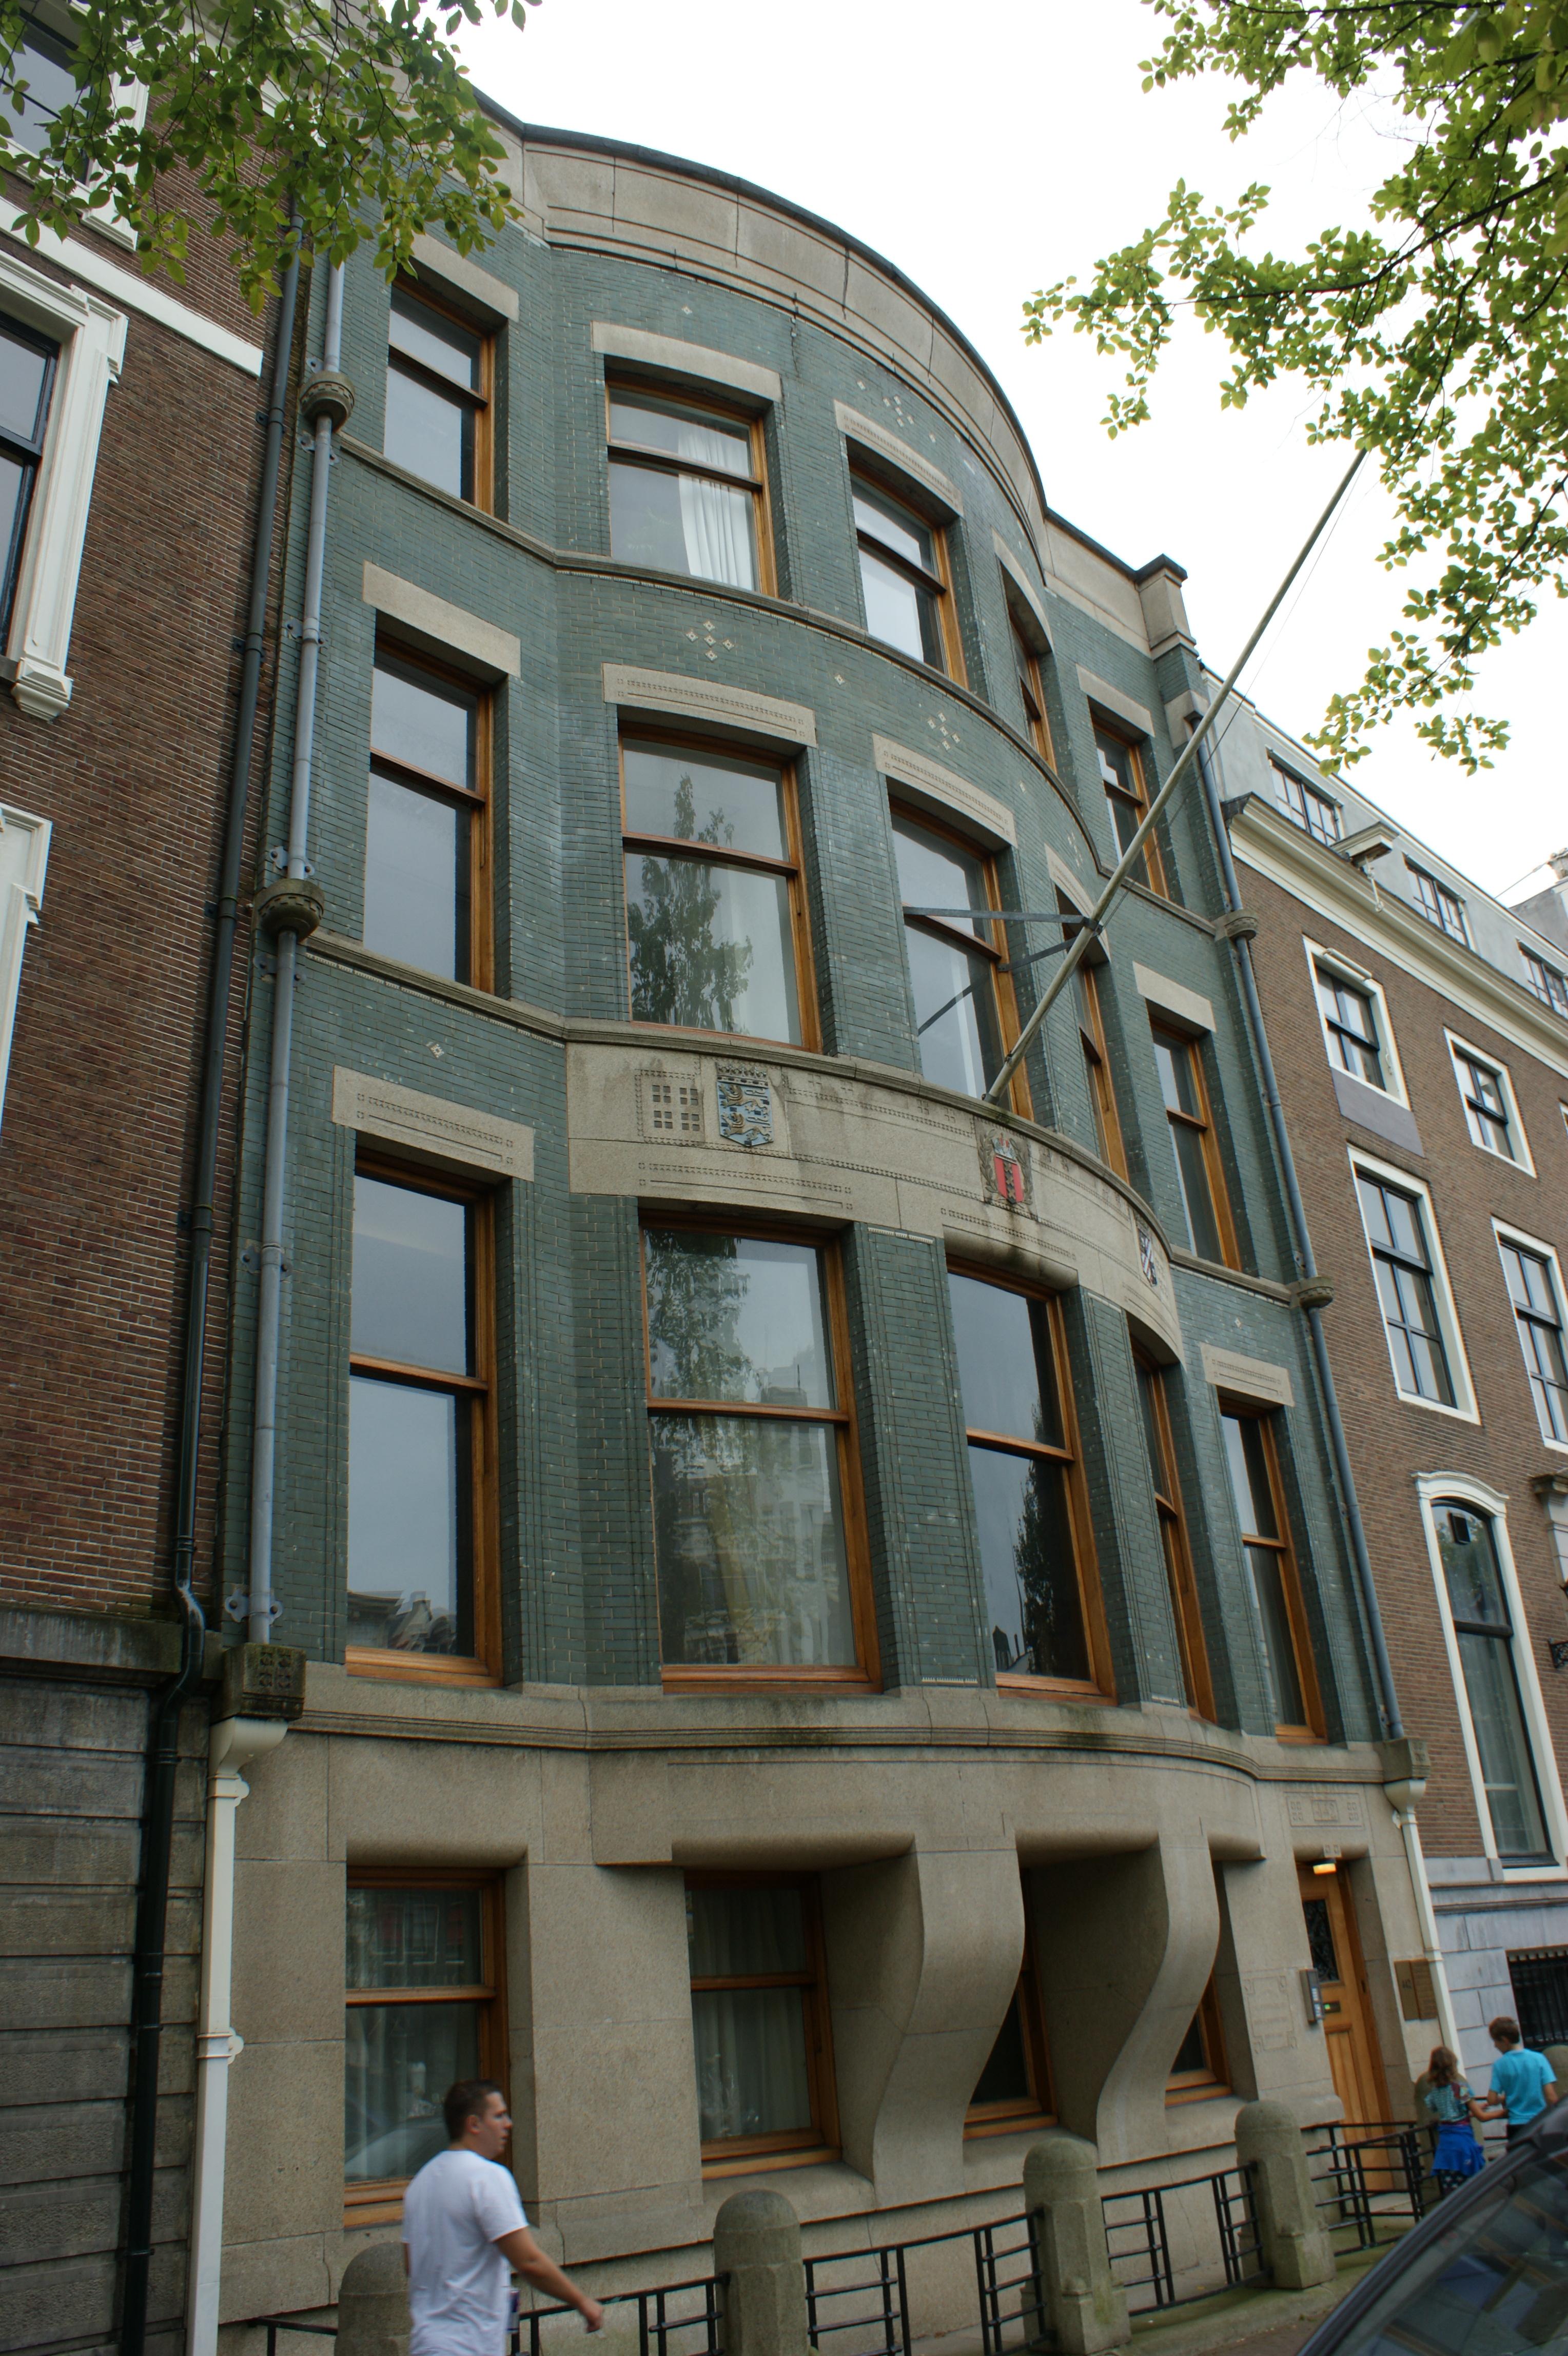 Stijl Van Amsterdam.Kantoorgebouw Met Eensgezinswoning In Een Verstrakte Art